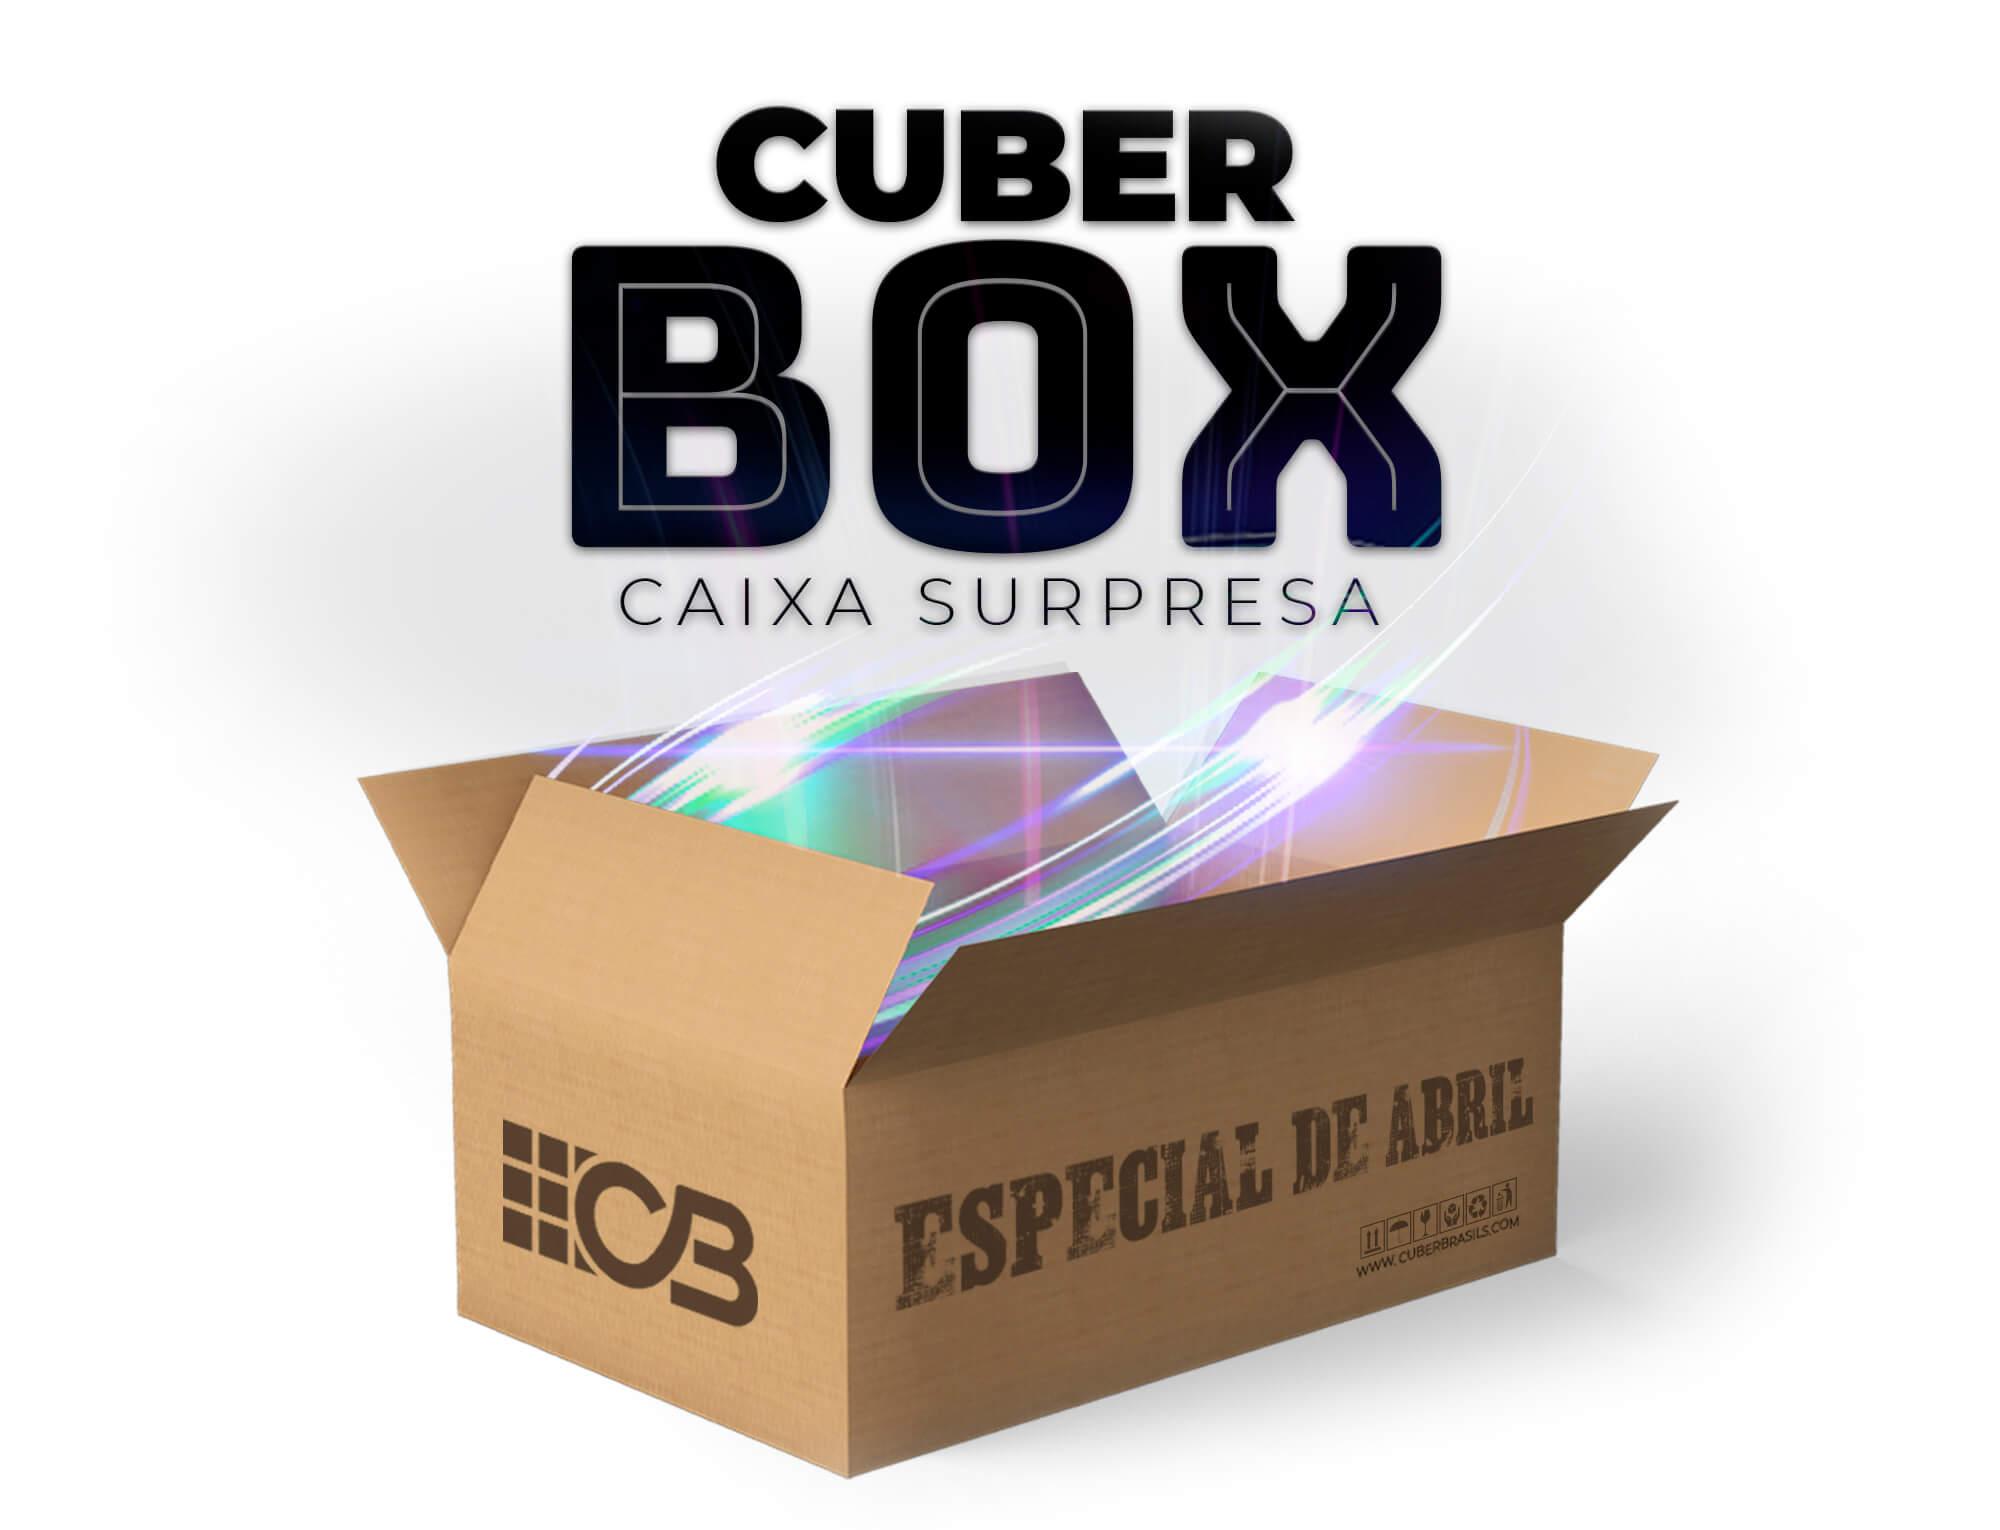 CUBER BOX - CAIXA SURPRESA ABRIL